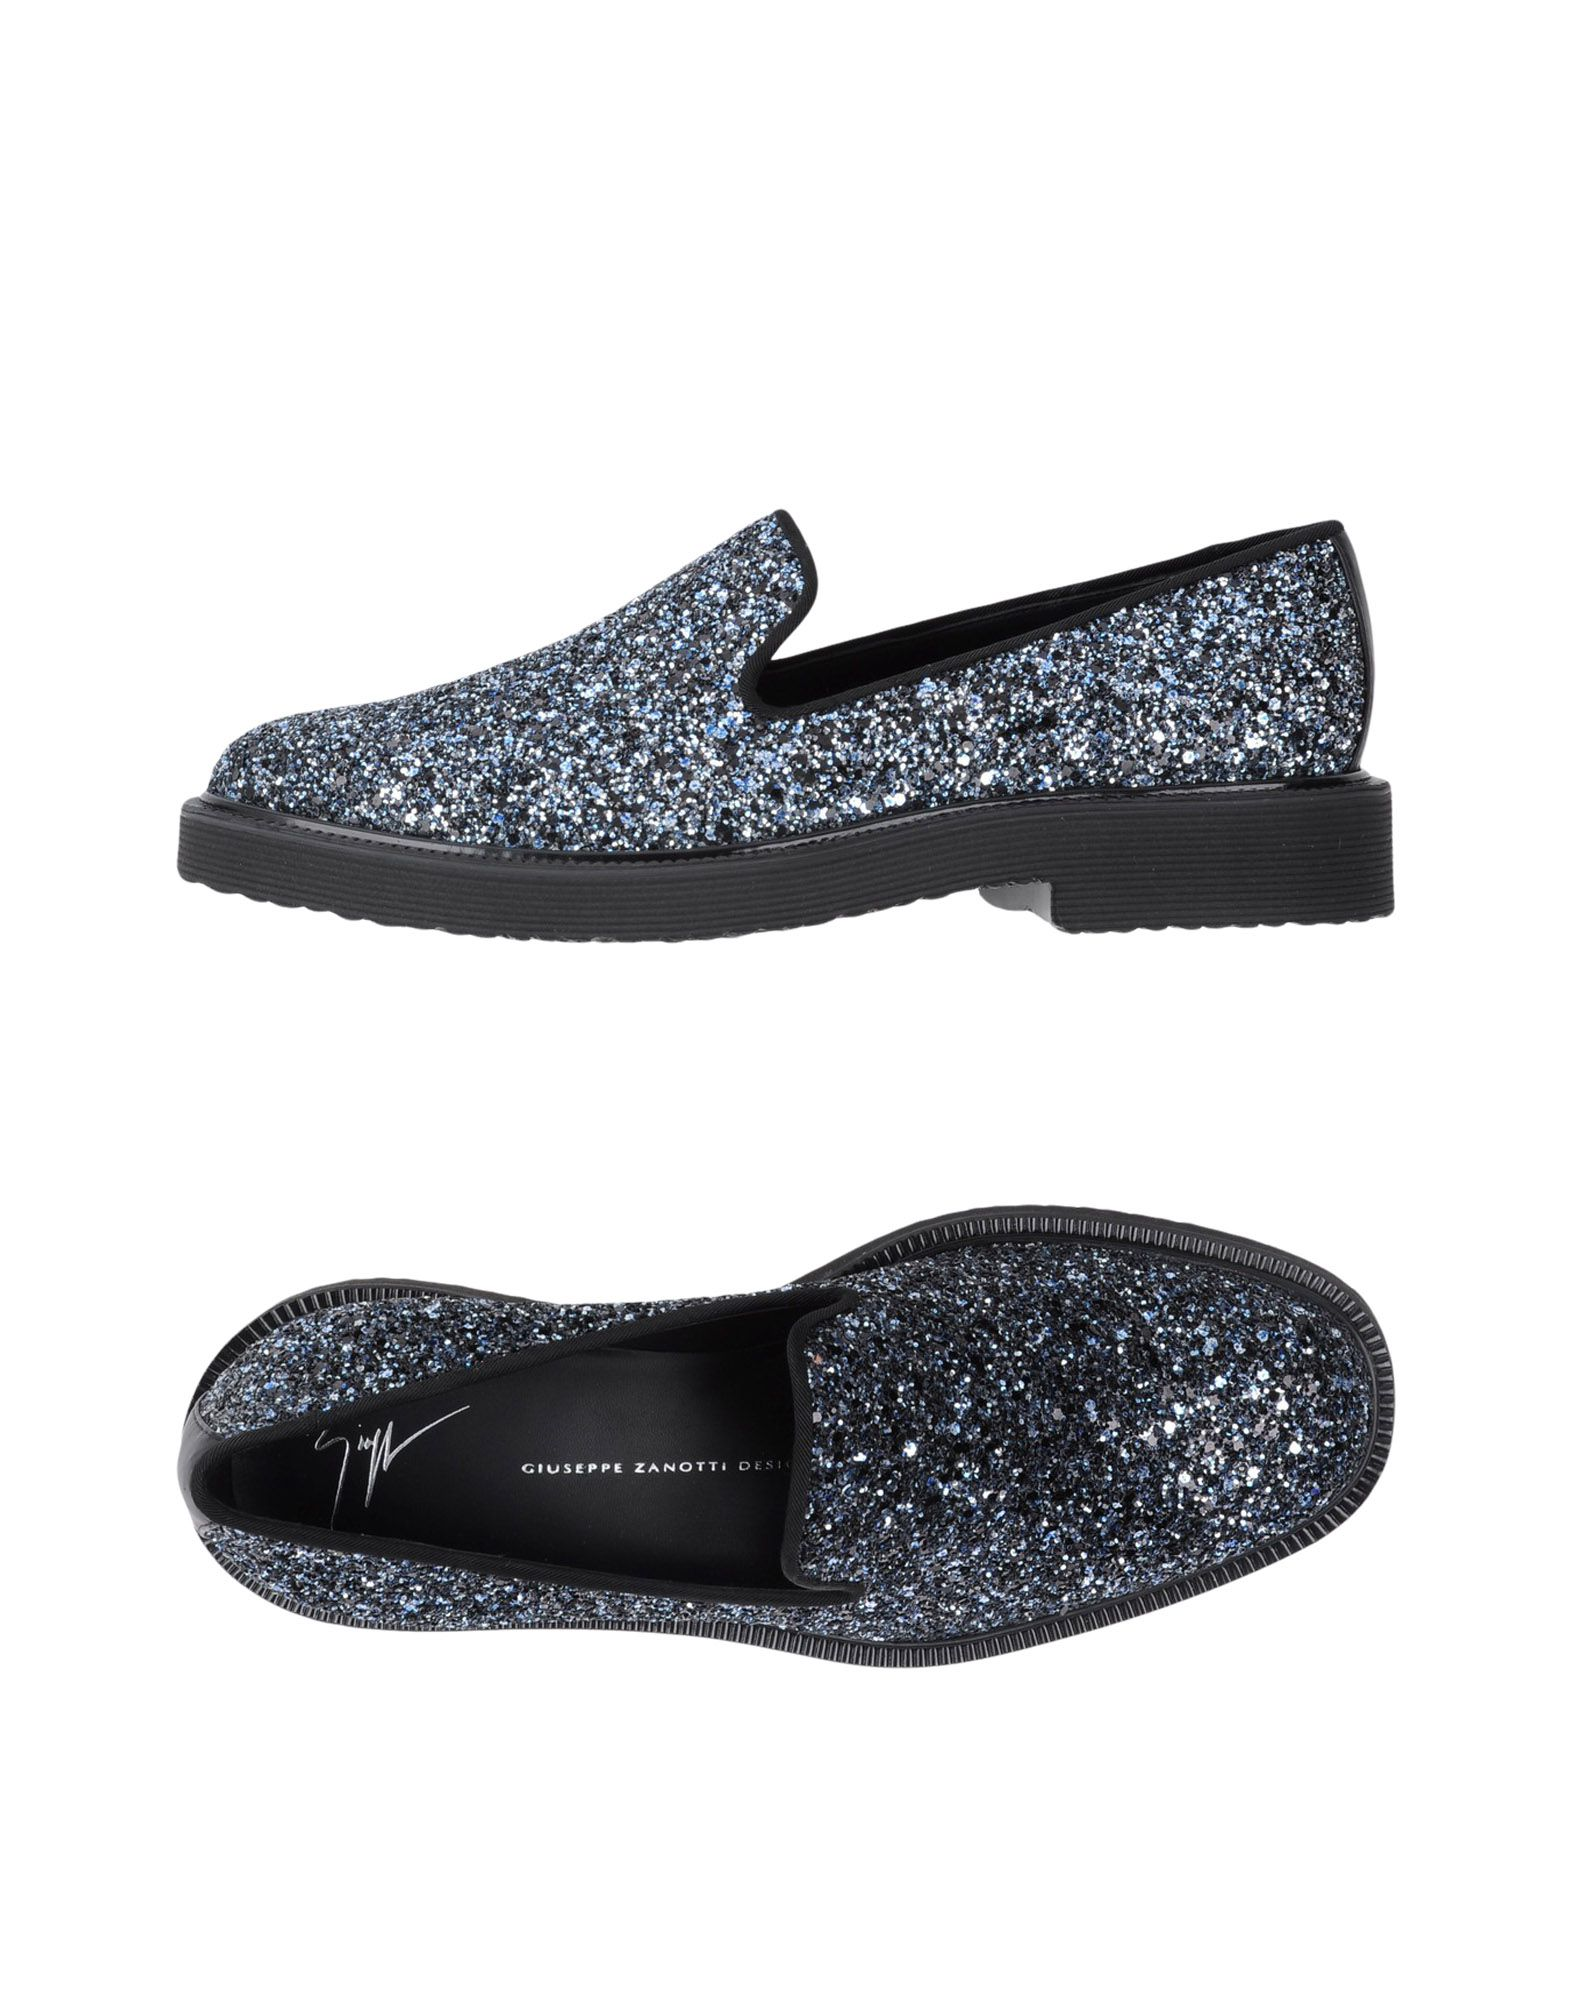 Giuseppe Zanotti Mokassins Herren  11317711KN Gute Qualität beliebte Schuhe